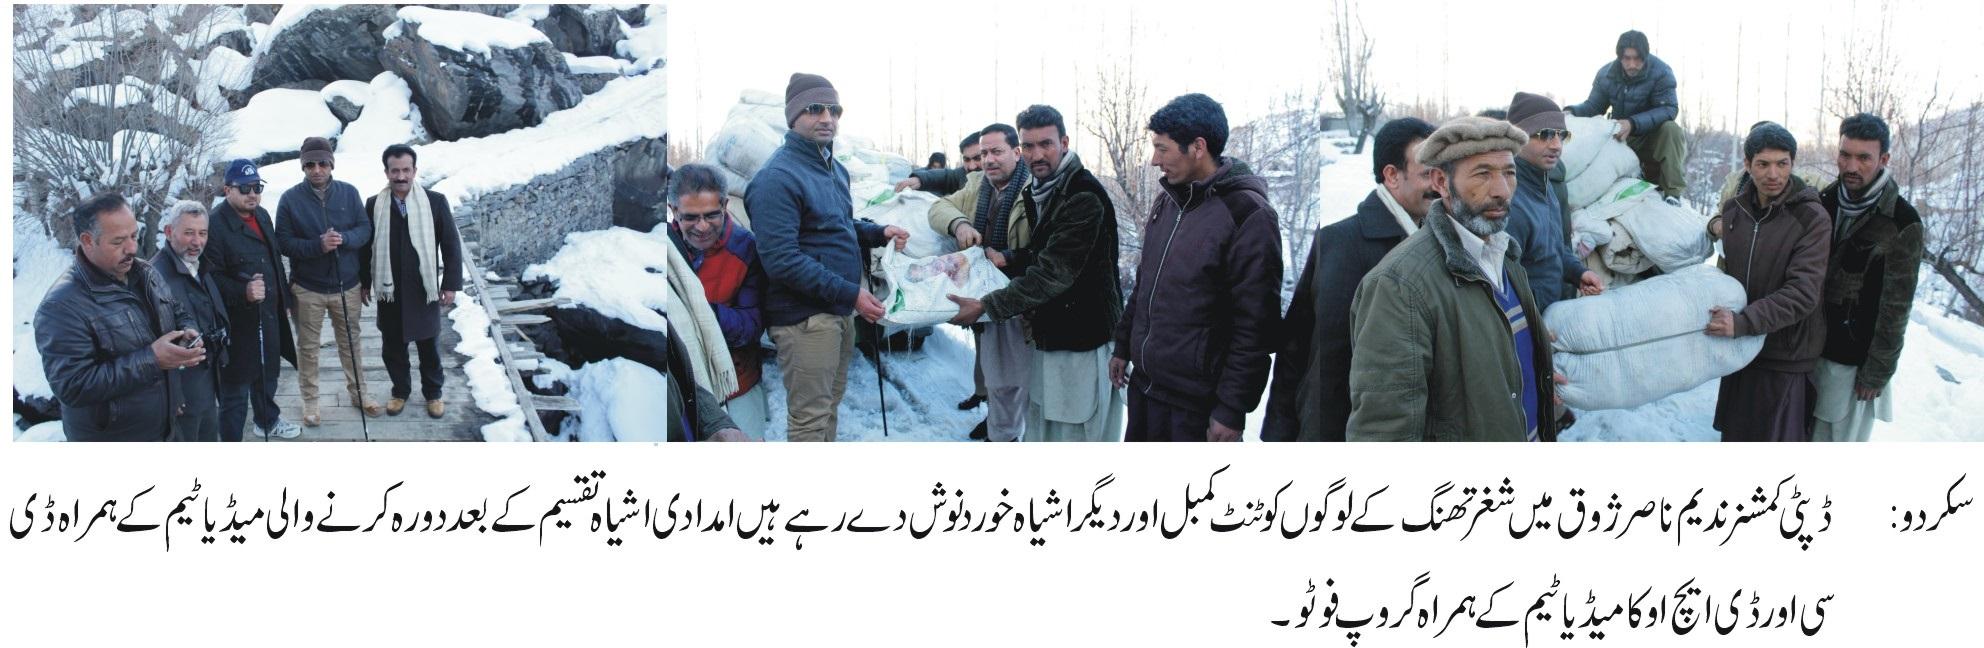 ڈپٹی کمشنر سکردو نے برفباری سے متاثرہ علاقوں کا دورہ کیا، امدادی اشیا تقسیم کیں